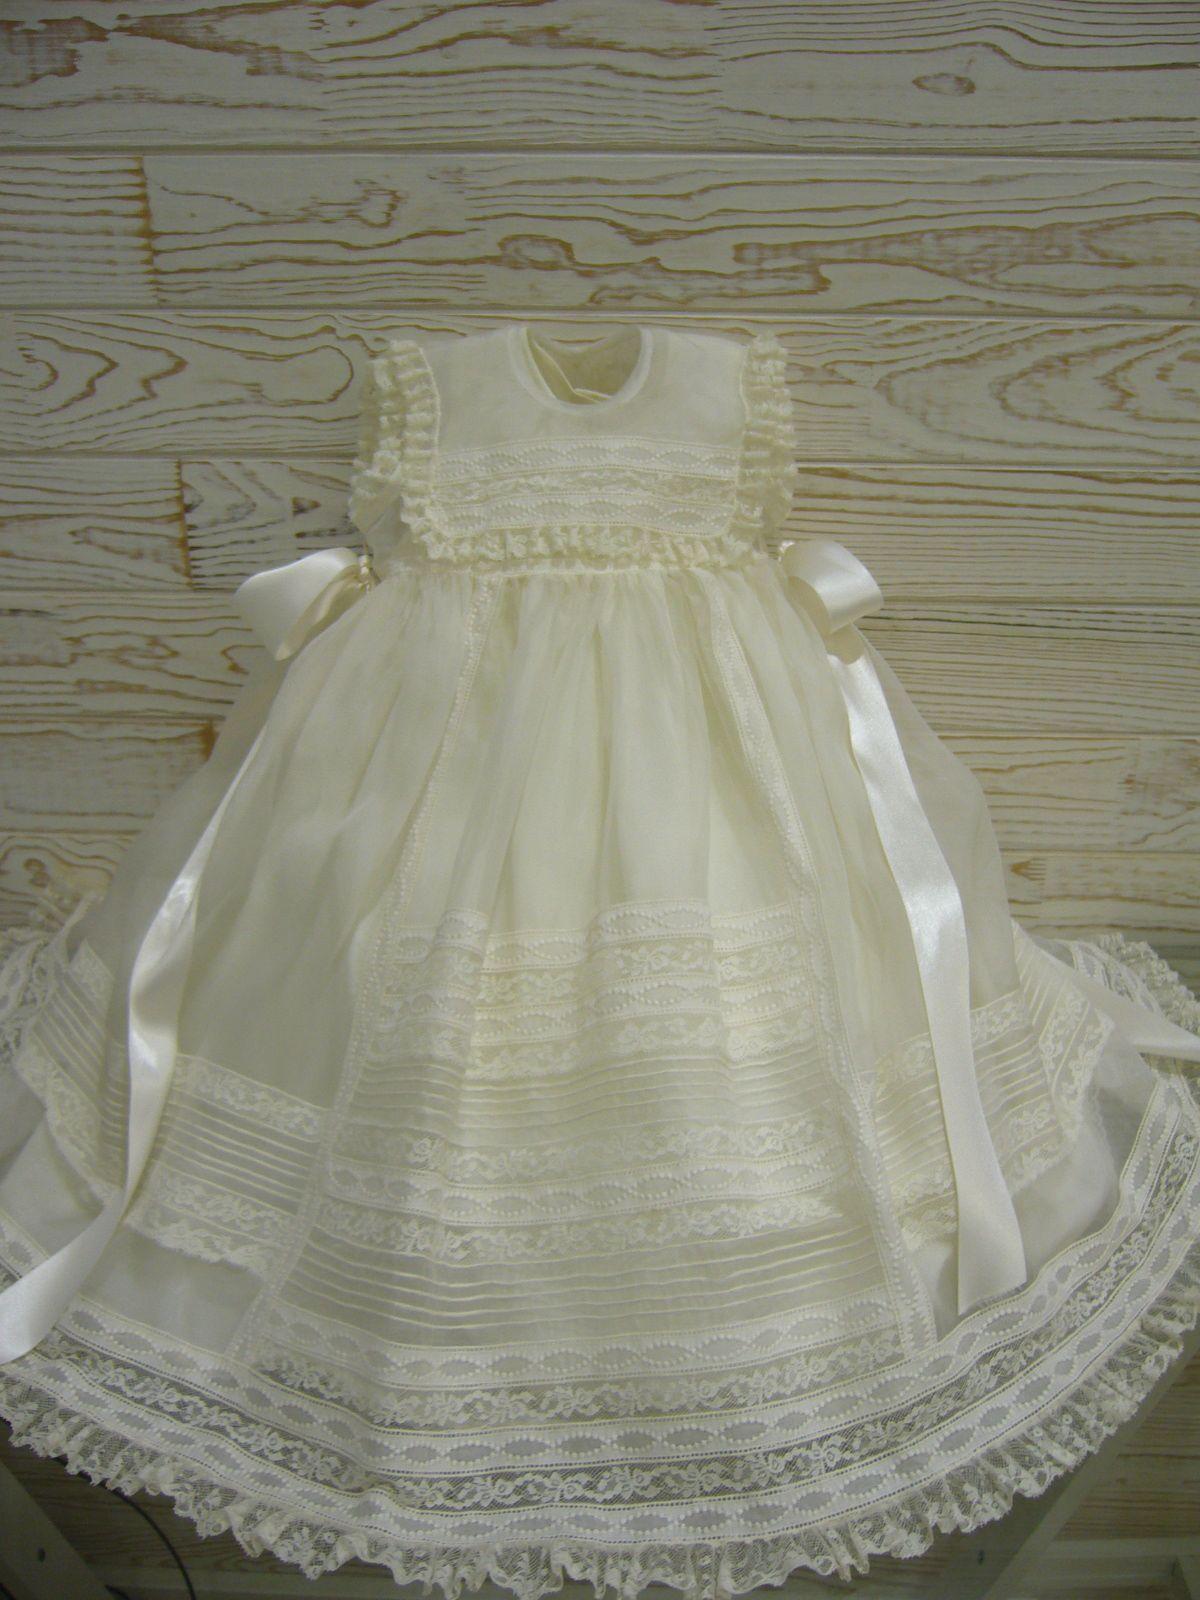 Cucos zaragoza ropa ni os oferta faldones de cristianar beb s pinterest ropa bebe ropa - Ropa infantil zaragoza ...